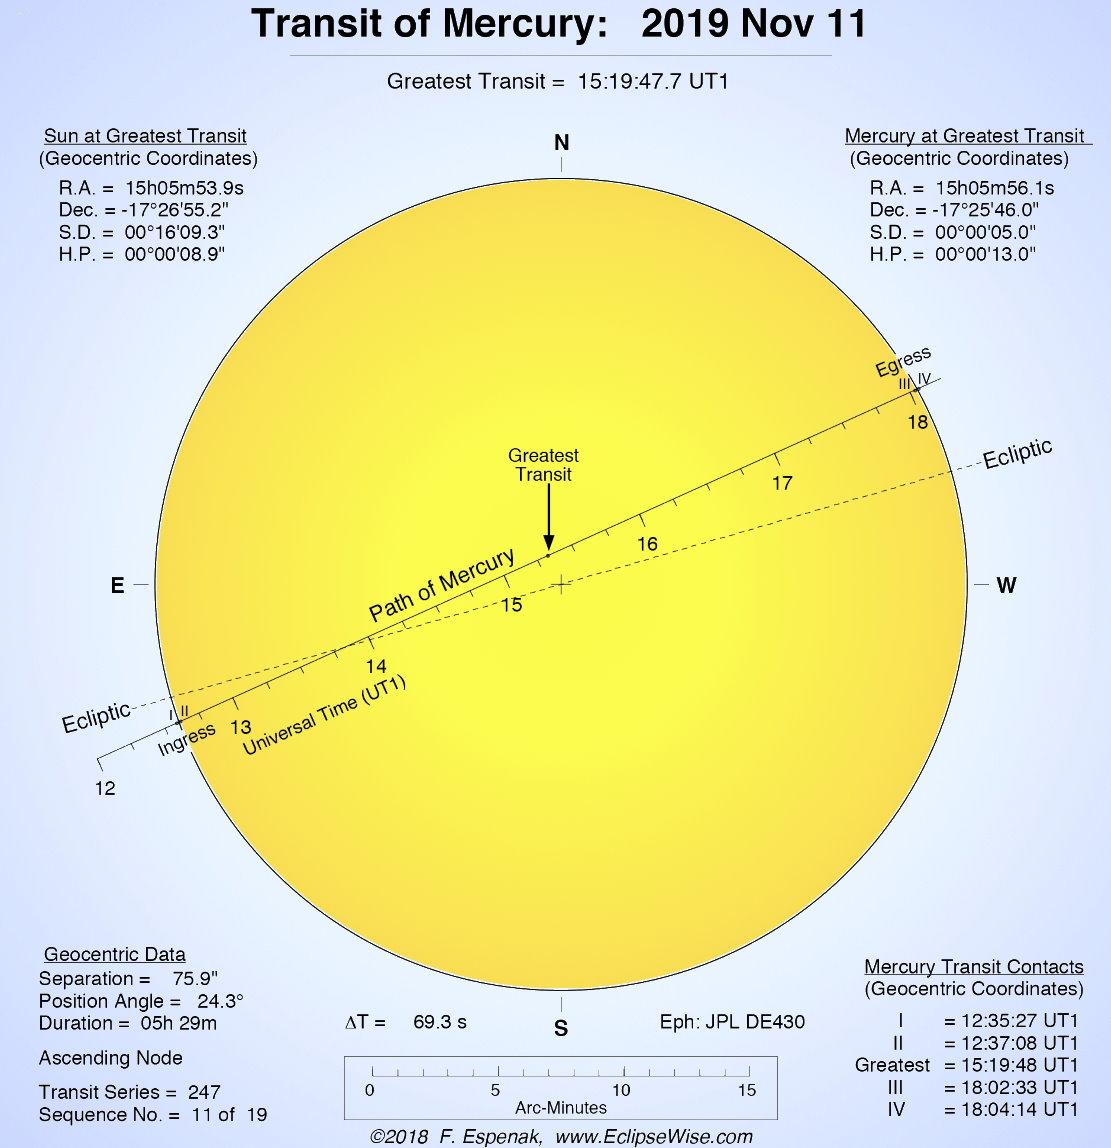 Dettagli del Transito di Mercurio novembre 2019